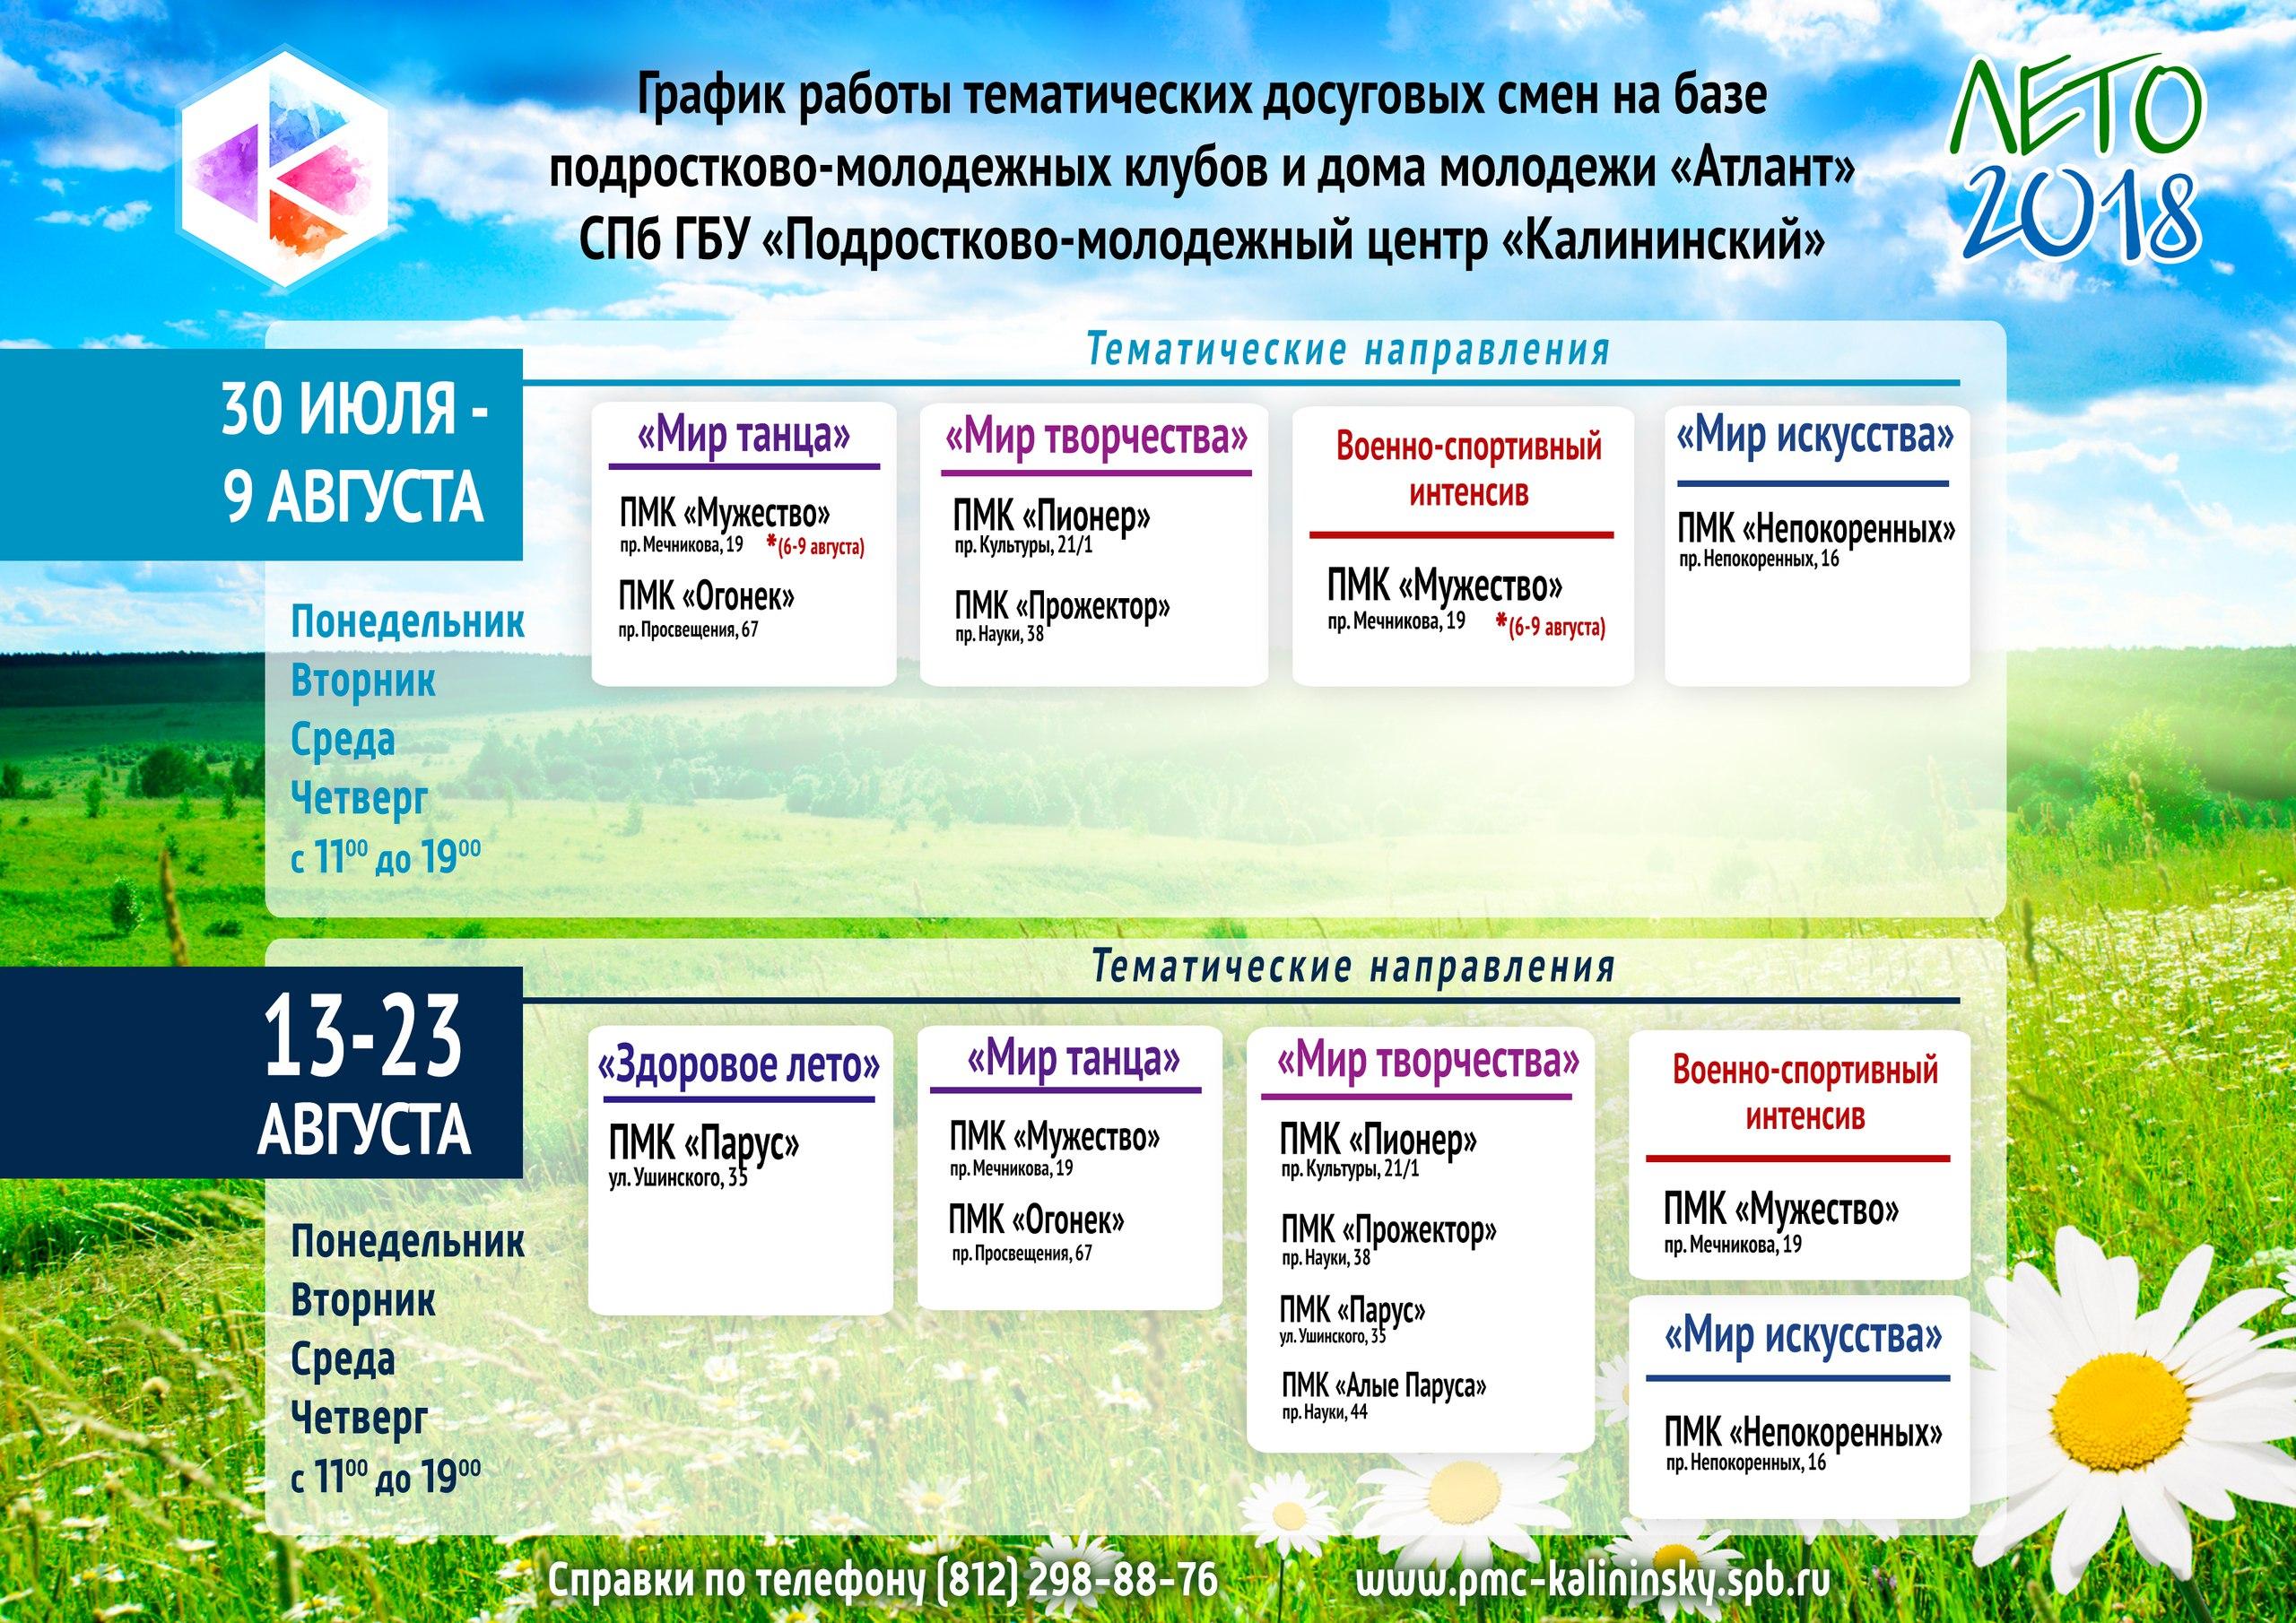 Интересное и полезное лето для подростков в Калининском районе